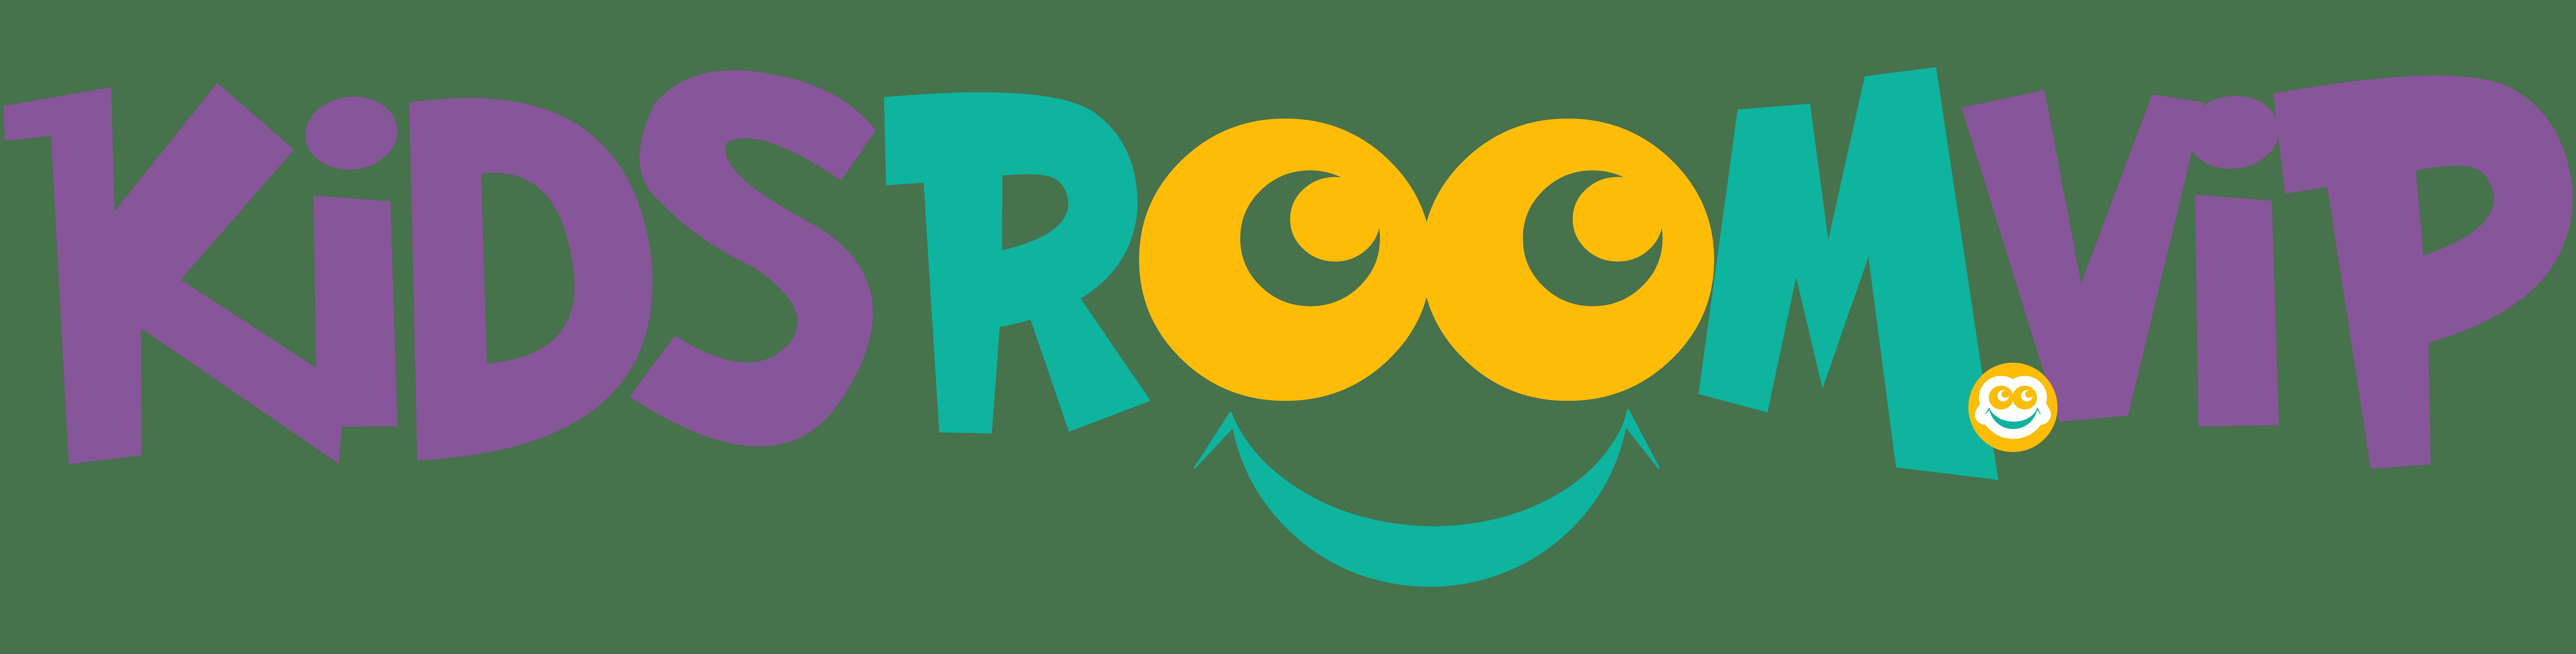 KidsRoomVip Logos_3263X828px Retina logo